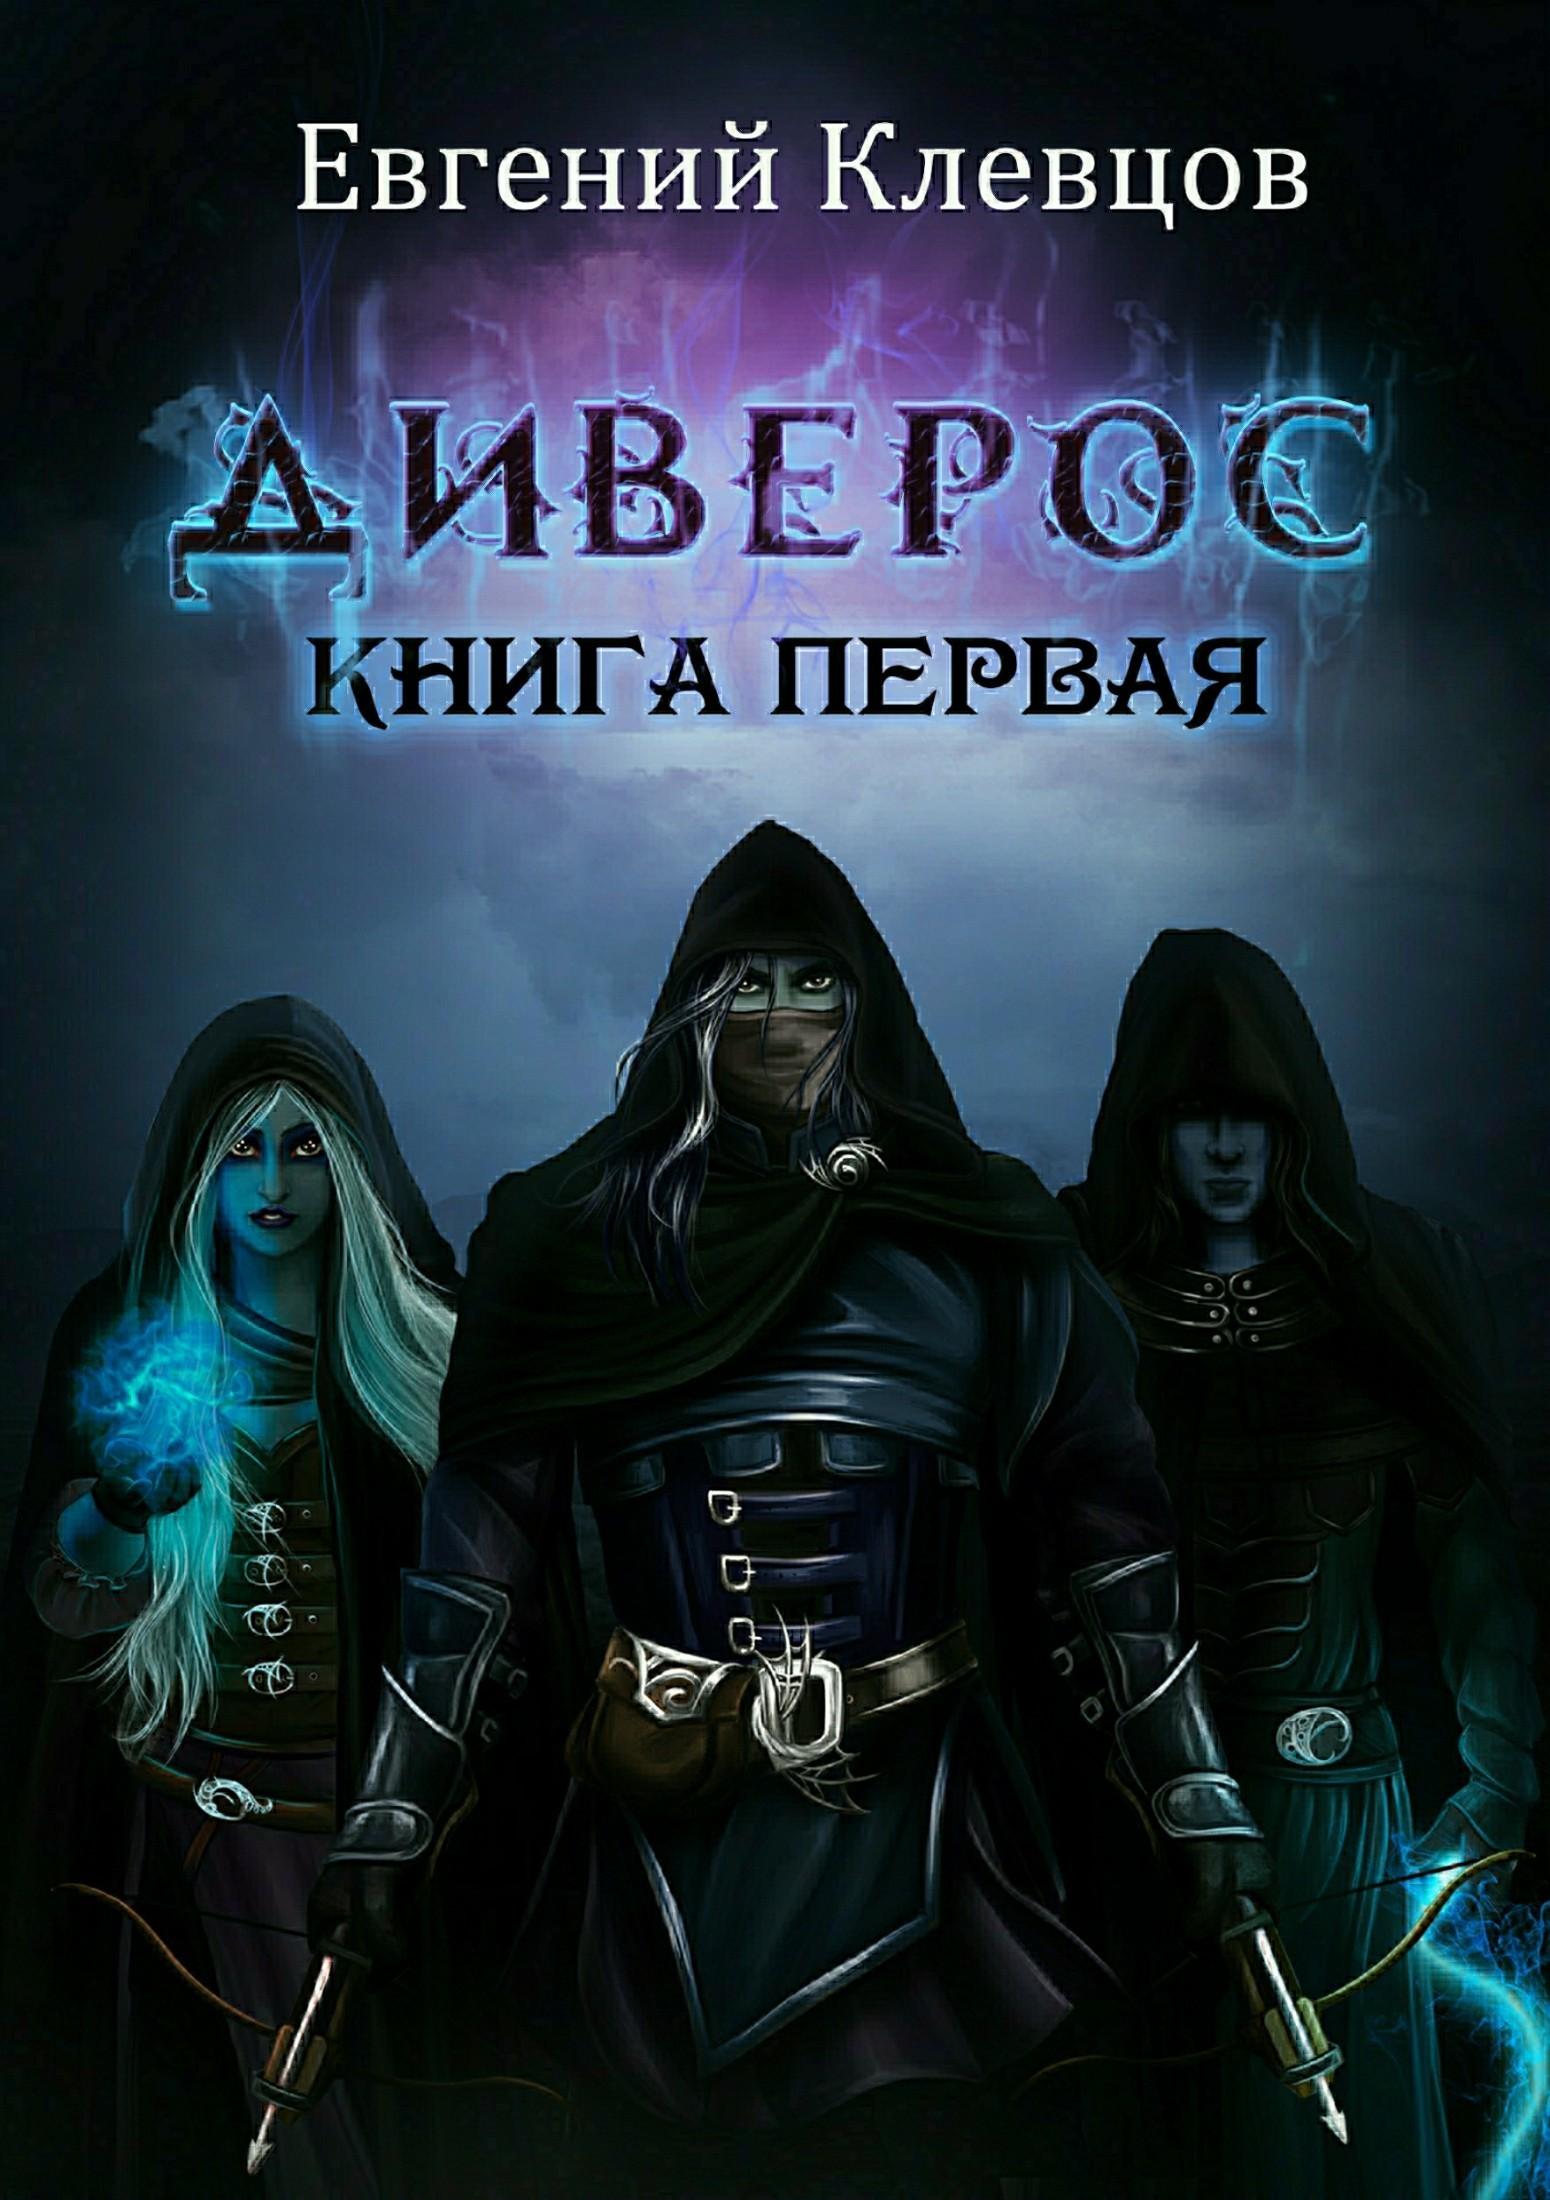 Евгений Клевцов Диверос. Книга первая тени